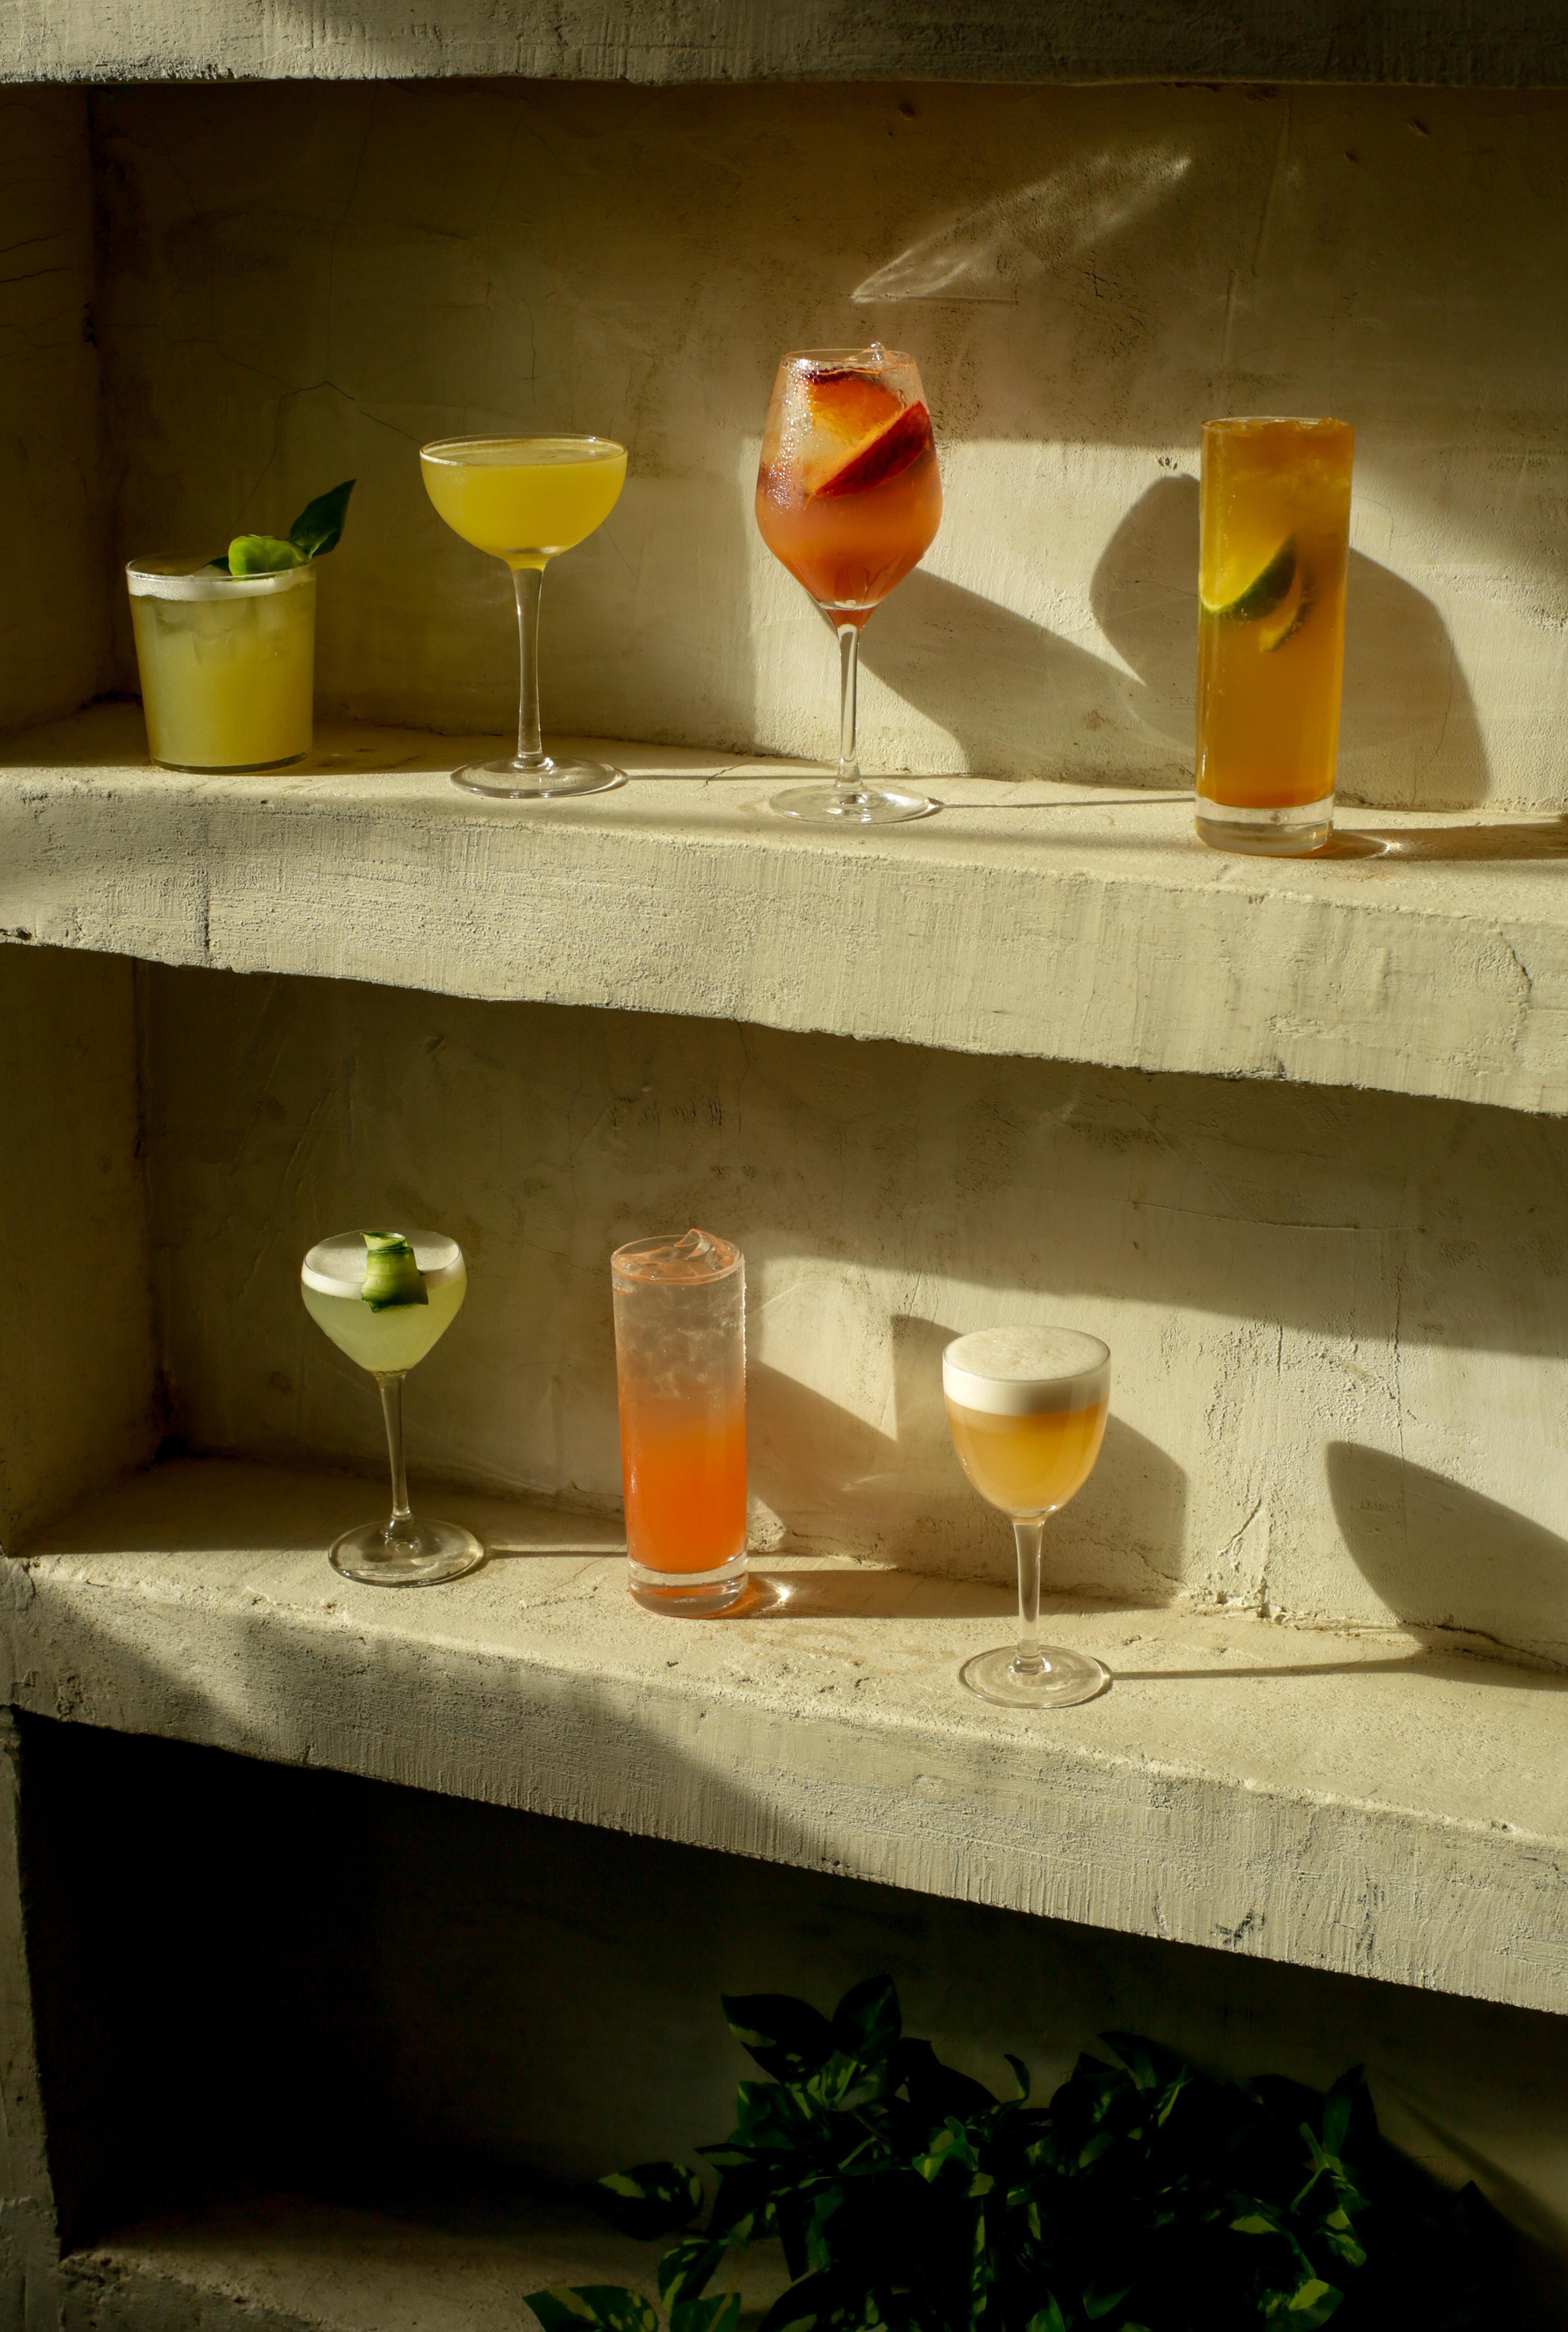 cocktails on shelf